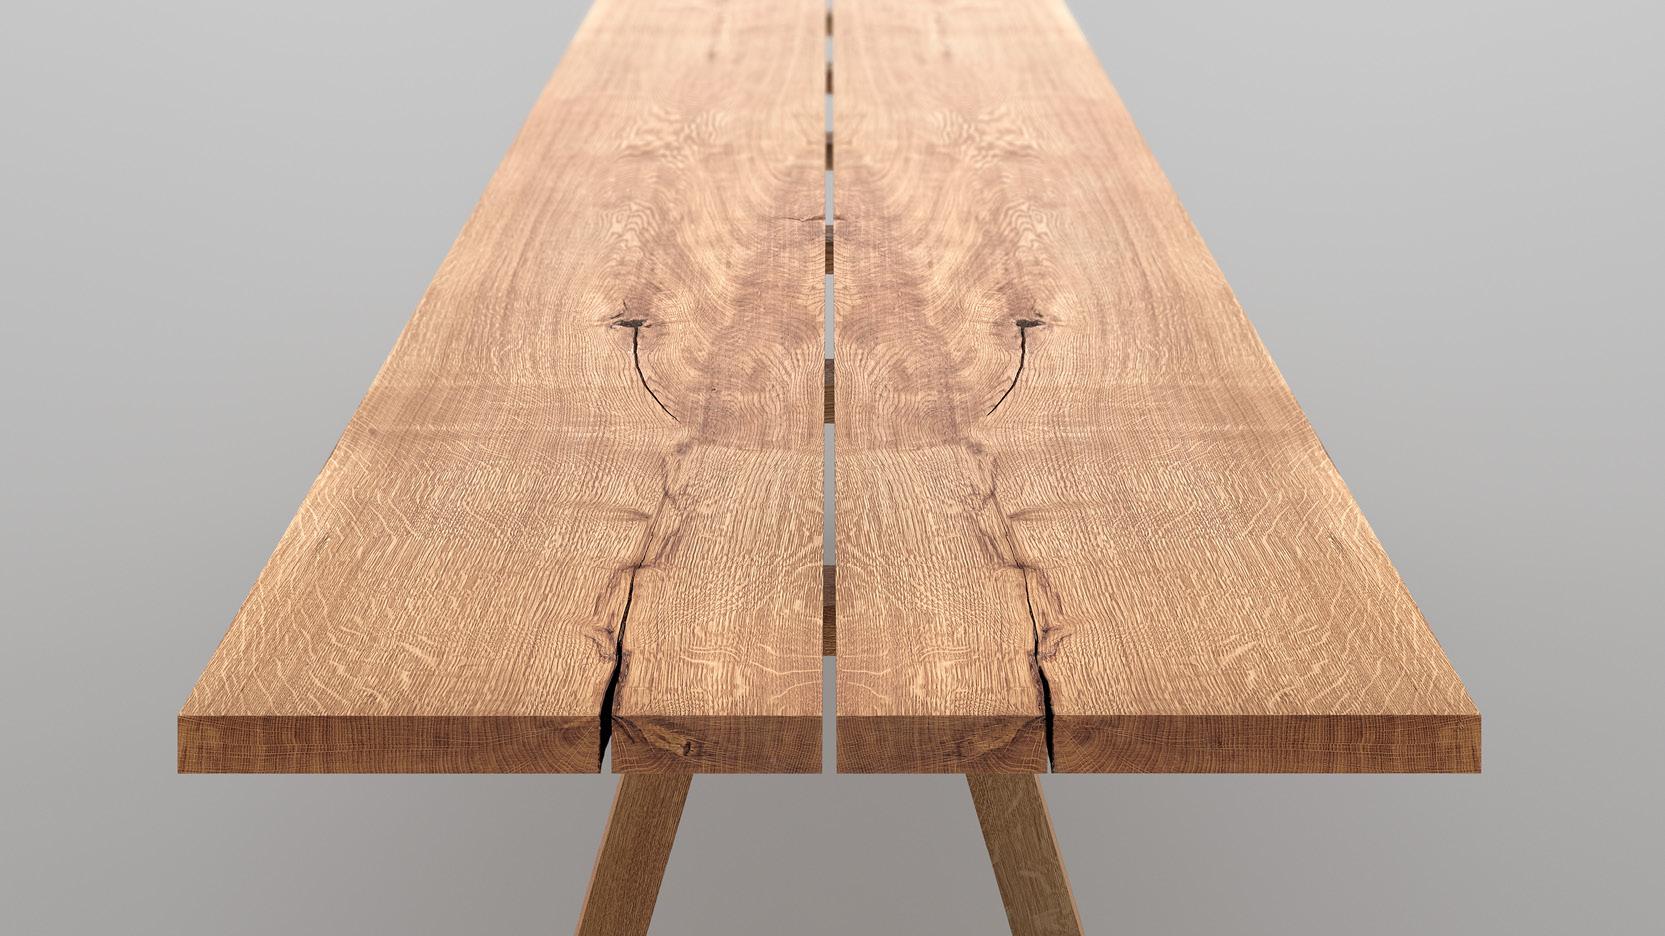 Holz Massivholz Tisch Pflege